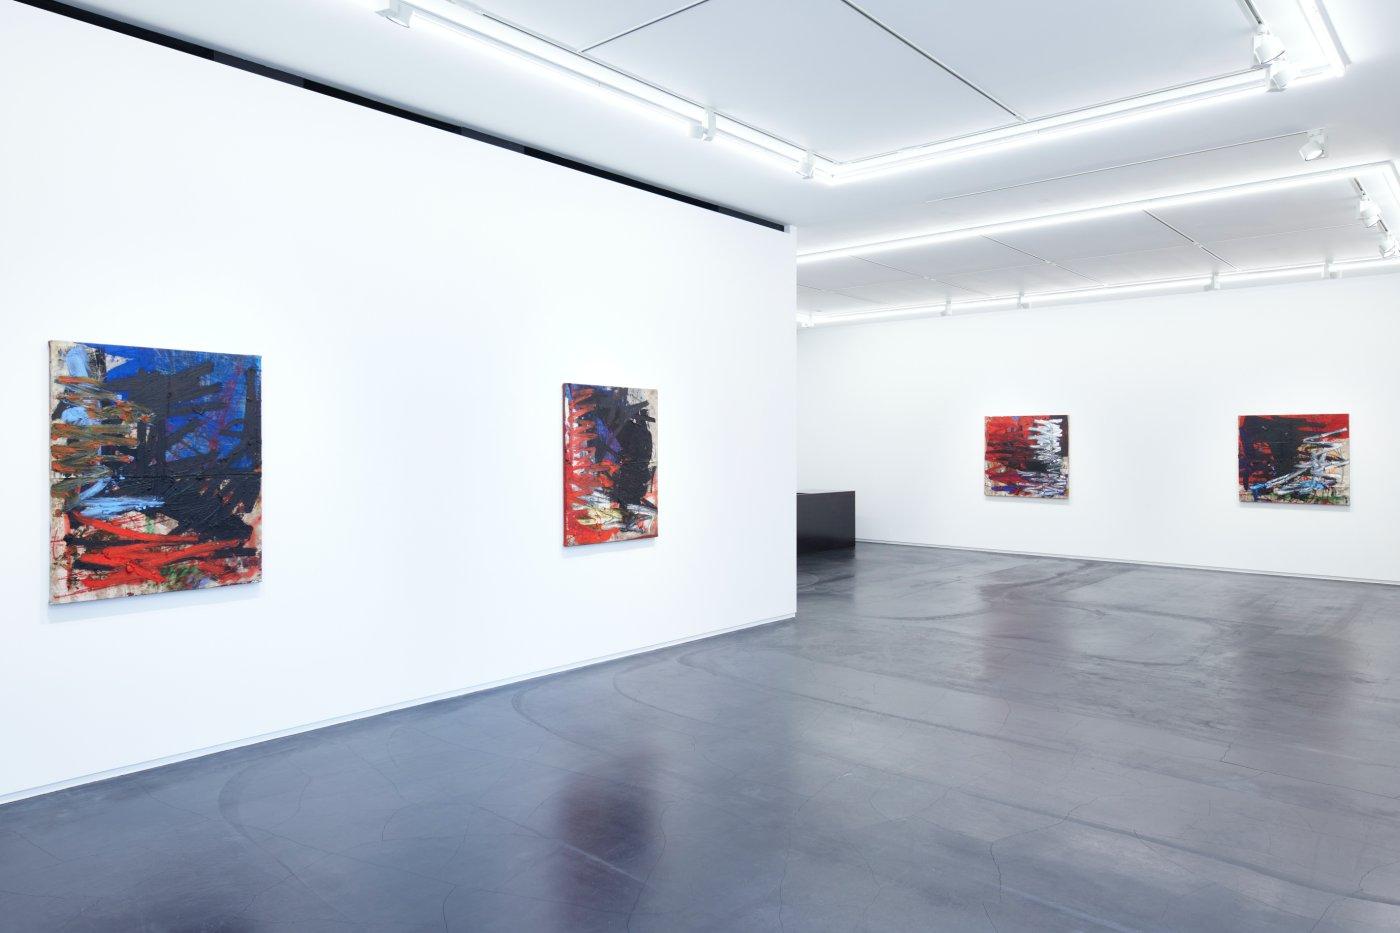 Taka Ishii Gallery Oscar Murillo 6